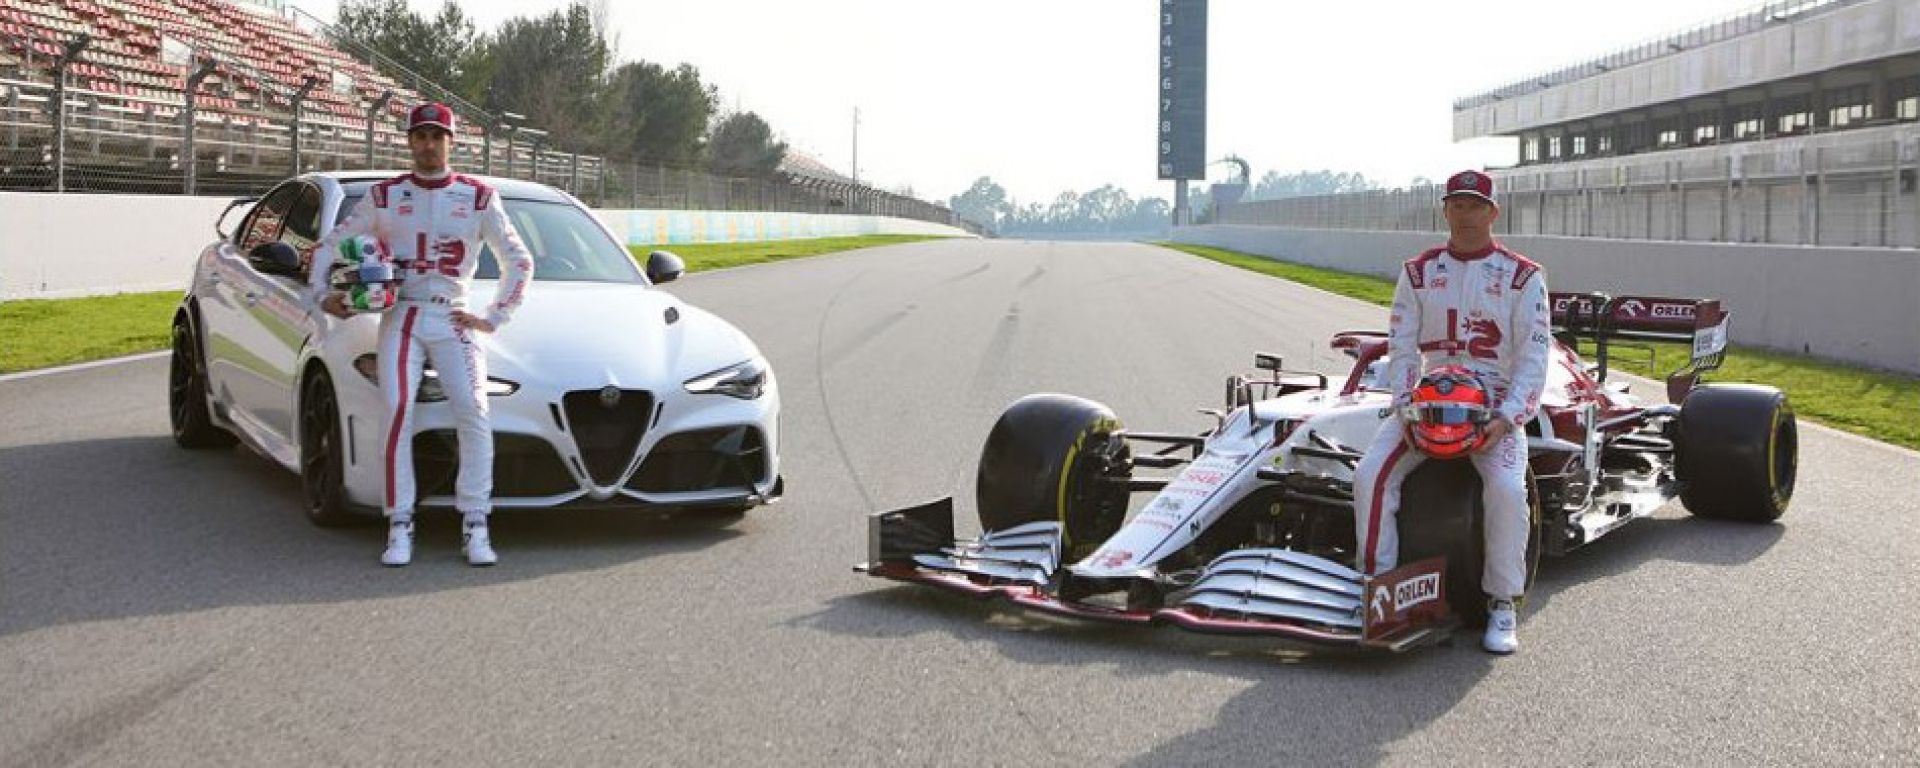 Alfa Romeo Giulia GTA: la sportiva del Biscione sviluppata con il Team di Formula Uno